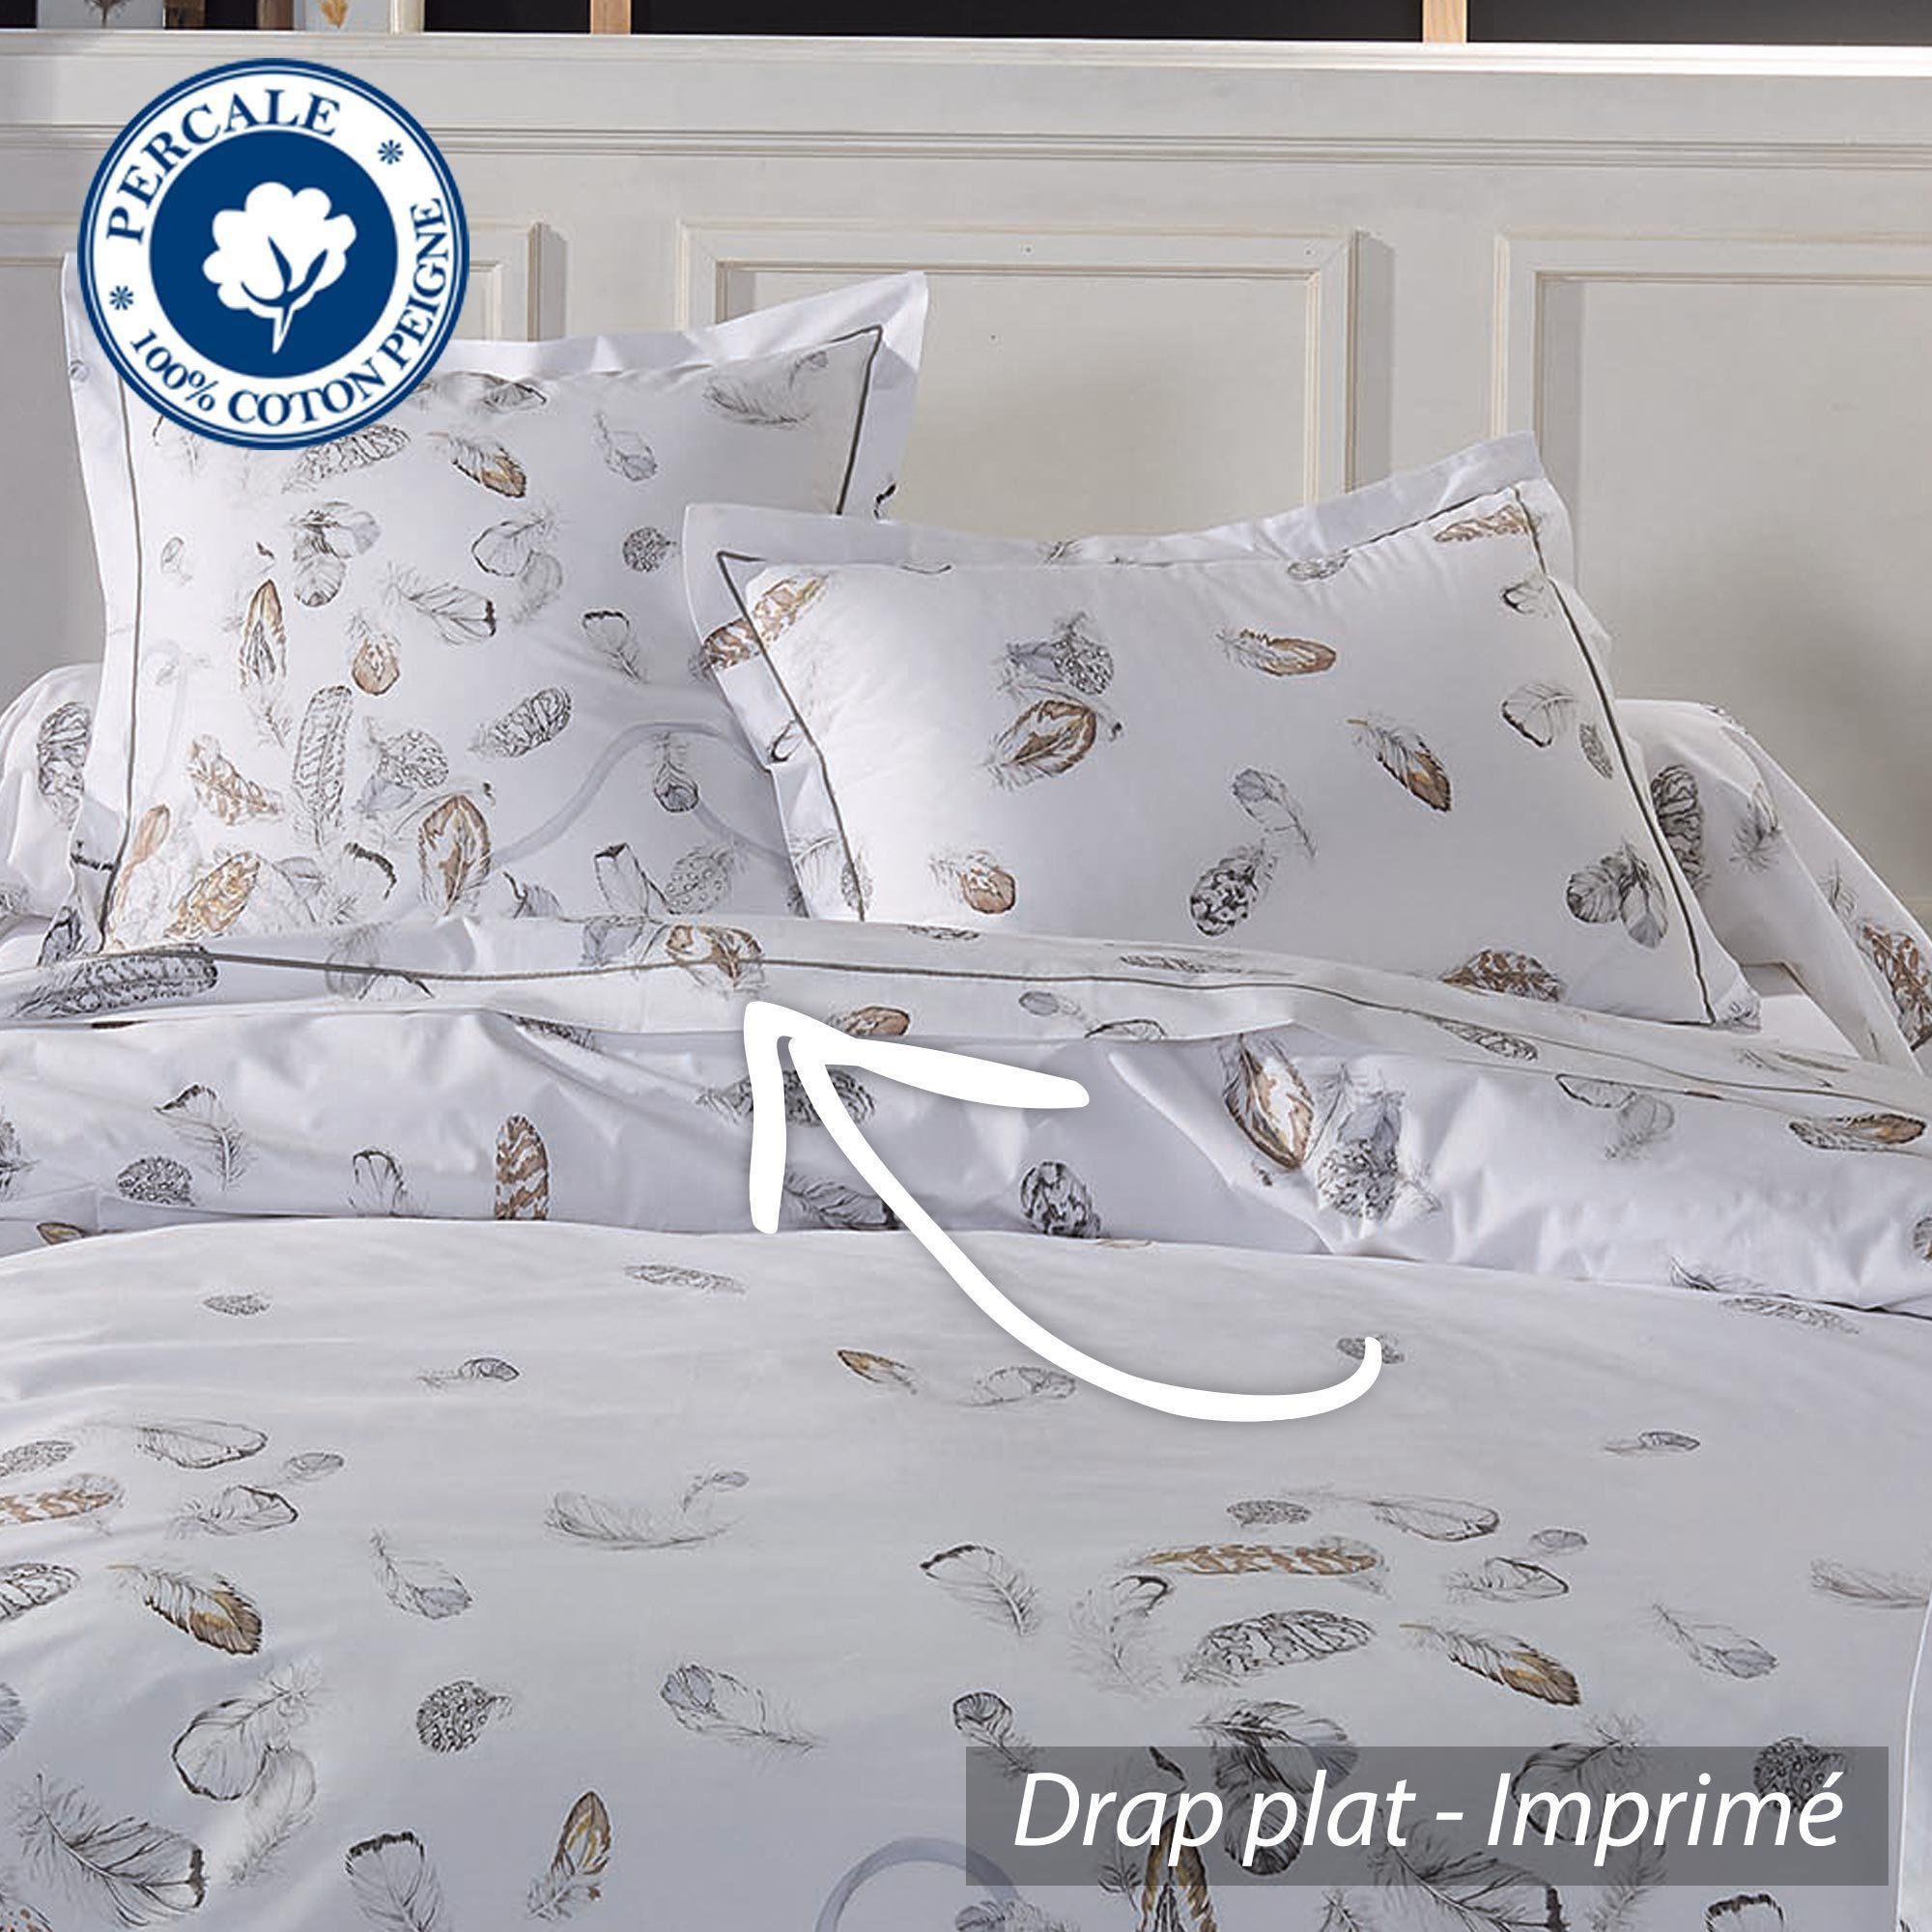 drap plat percale pur coton peign 180x290 cm plumes linnea vente de linge de maison. Black Bedroom Furniture Sets. Home Design Ideas